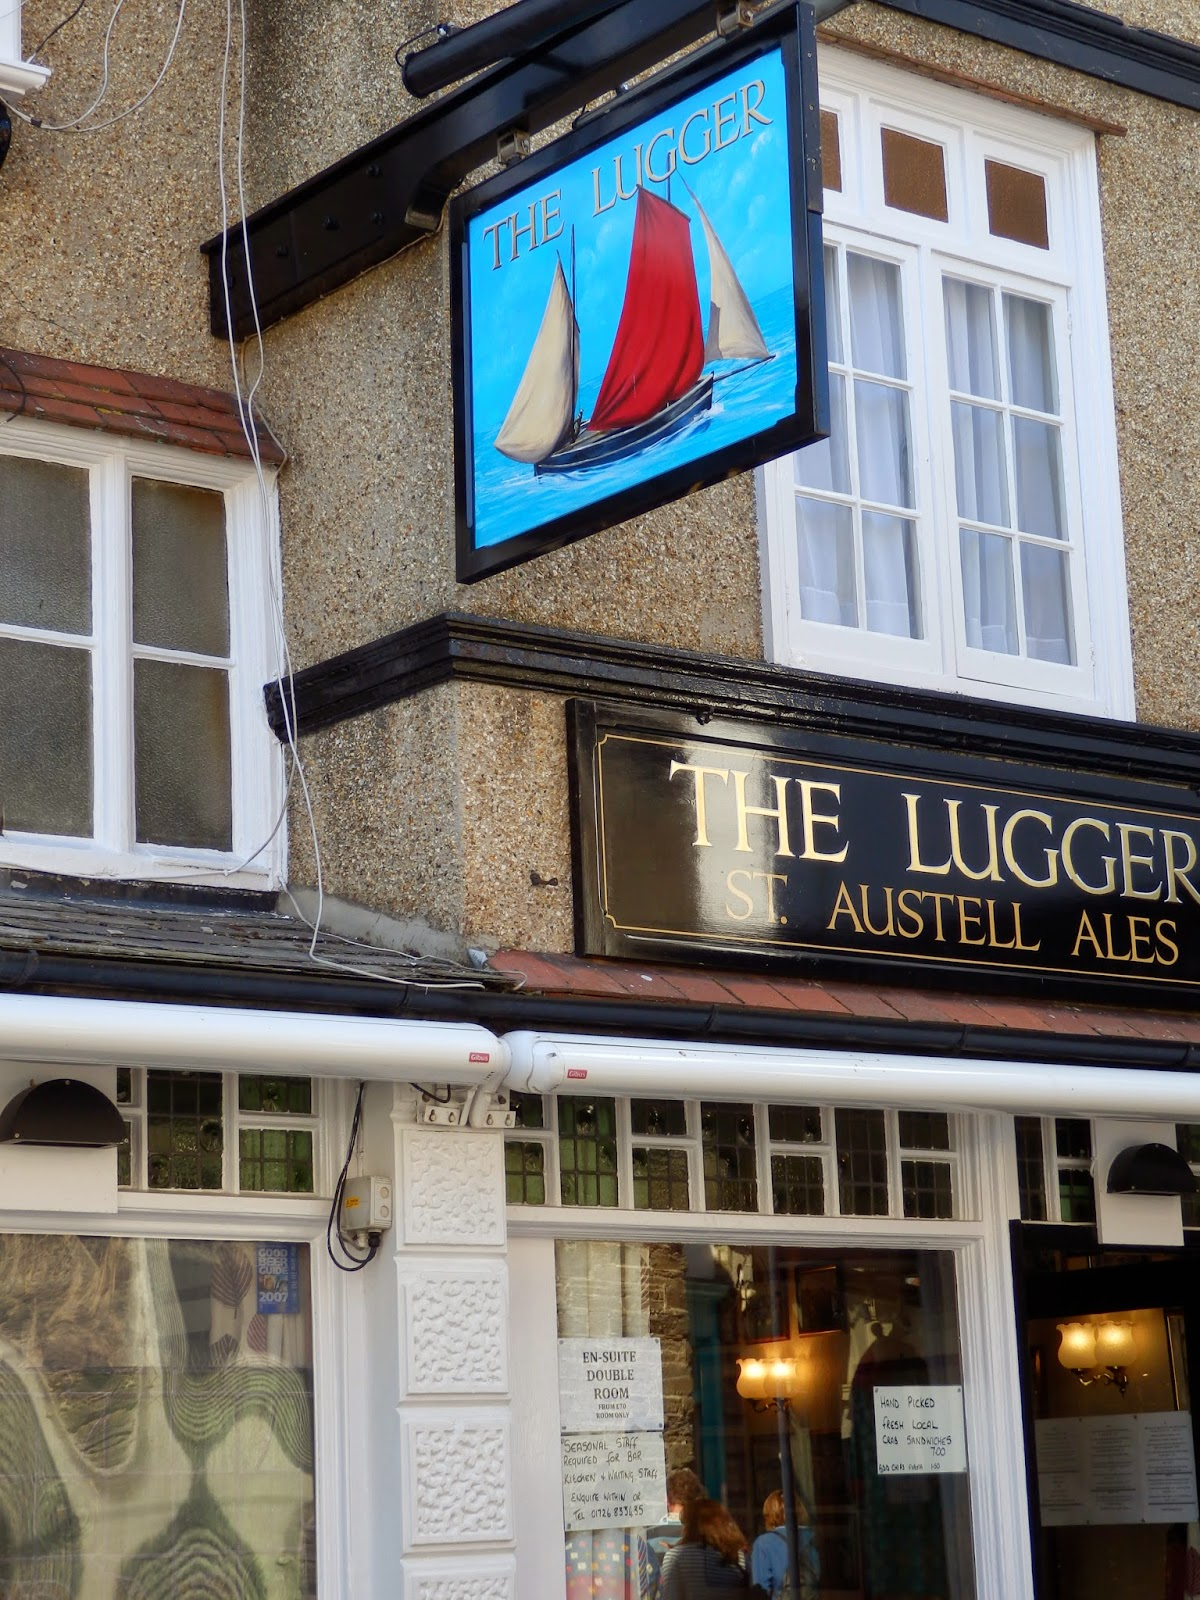 The Lugger pub, Fowey Cornwall